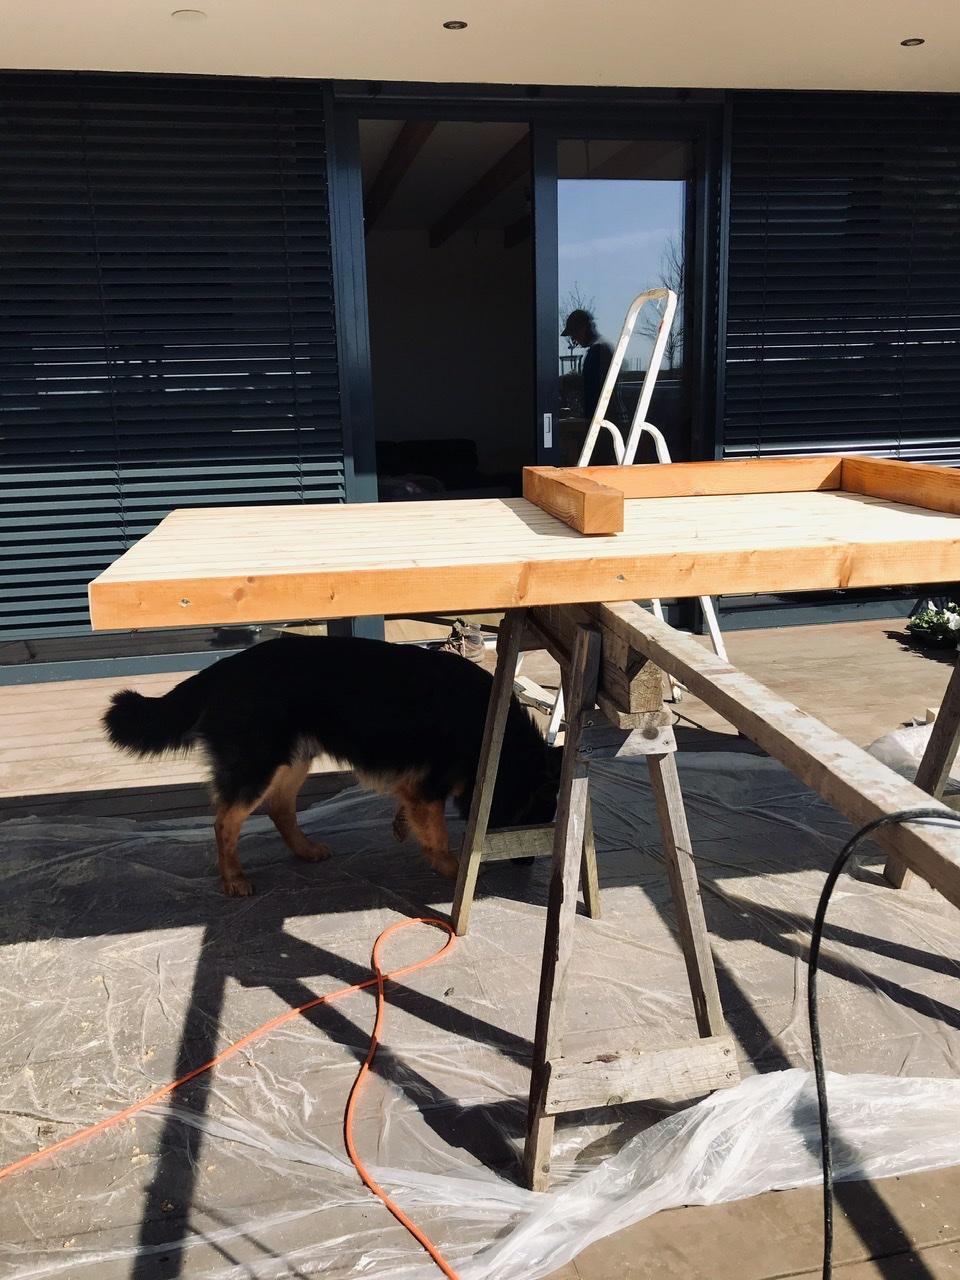 Naše L-ko - 2021 - stále dokončujeme - Výroba veľkého jedálenského terasového stola, dlžka 2,6 m